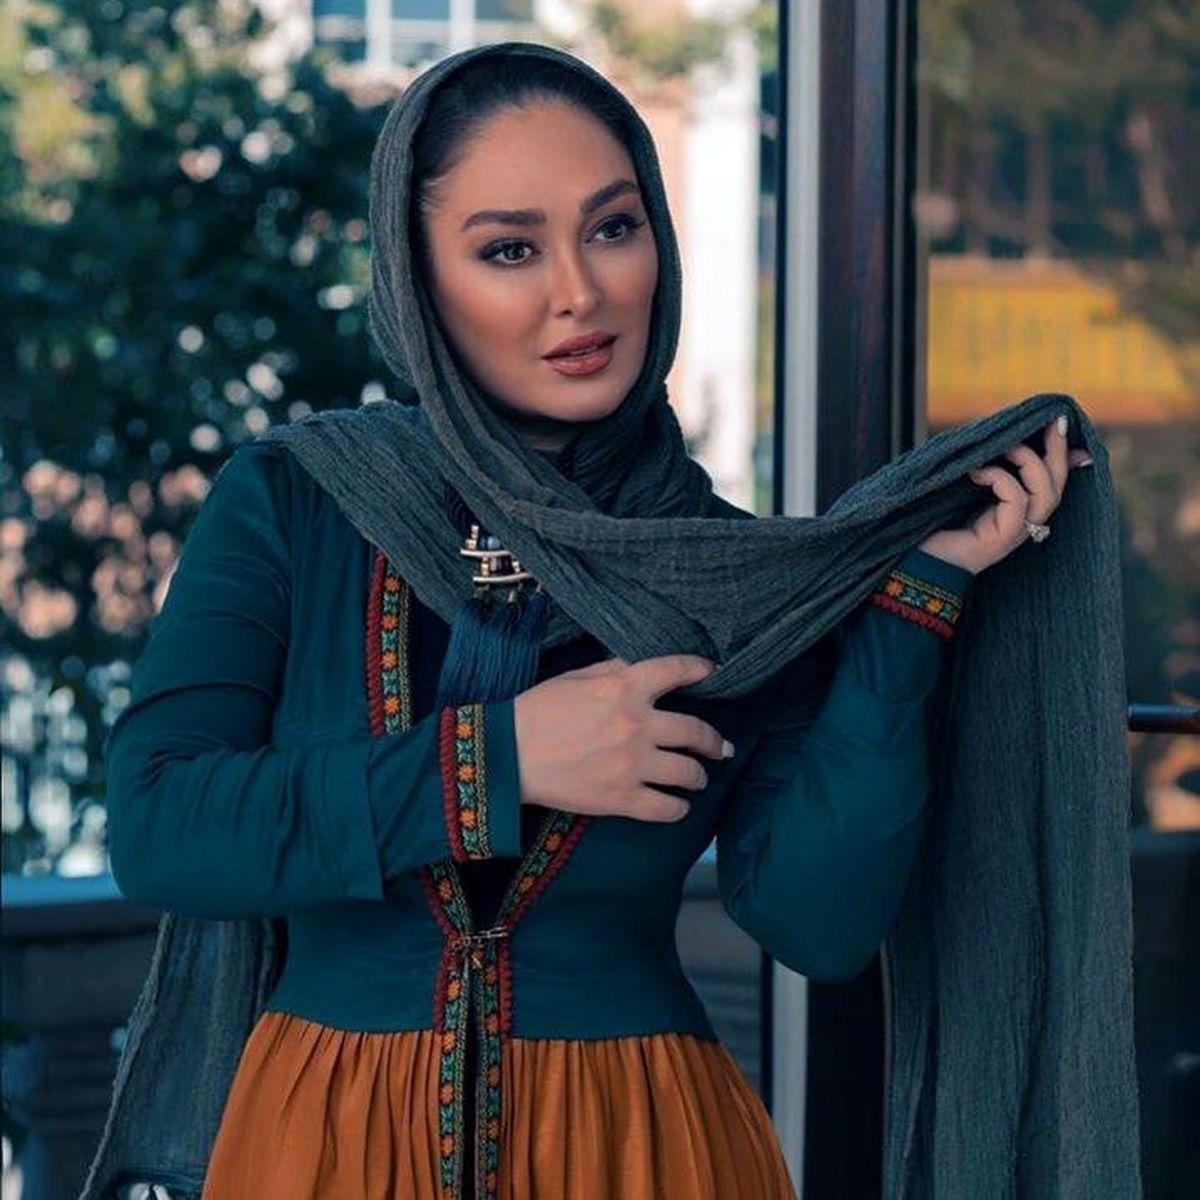 عاشقانه های الهام حمیدی و همسرش طوفان به پاکرد + عکس